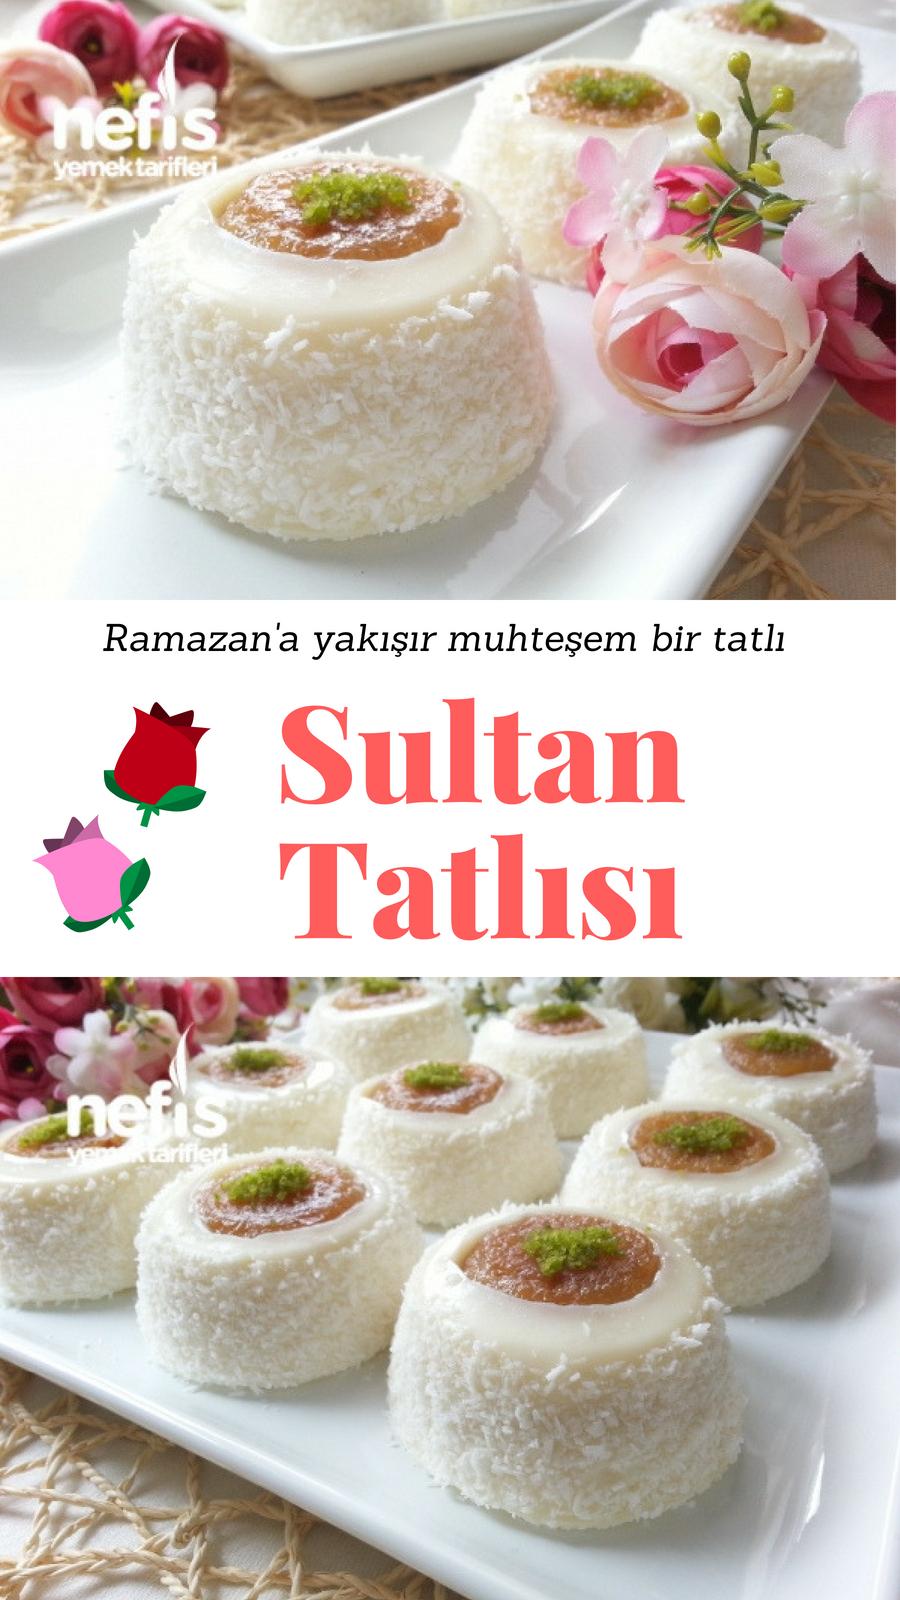 Sultan paşa tatlısı nasıl yapılır